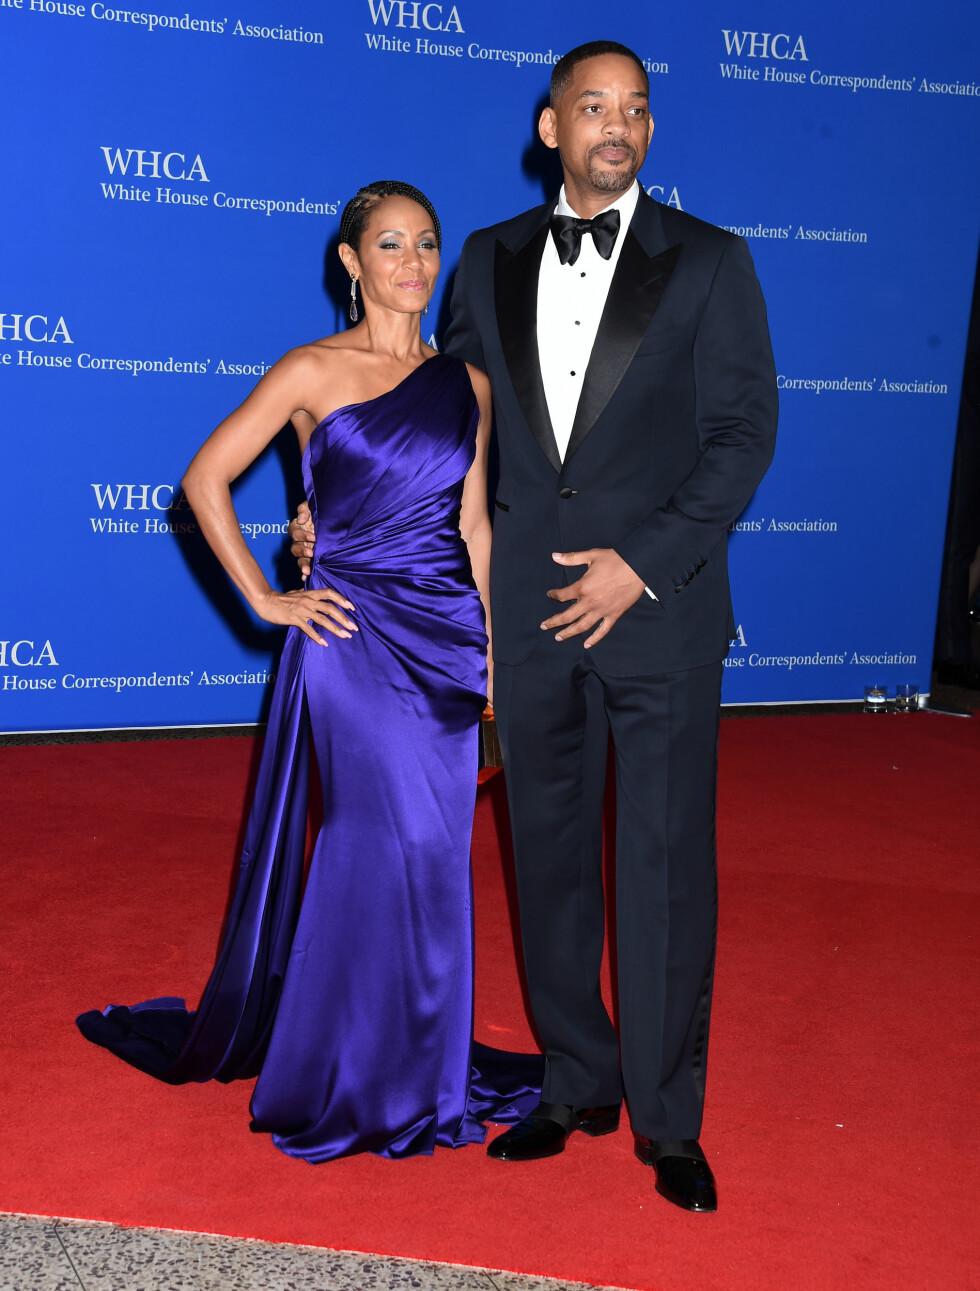 DET HVITE HUS: Jada Pinkett-Smith og Will Smith. Foto: Pa Photos